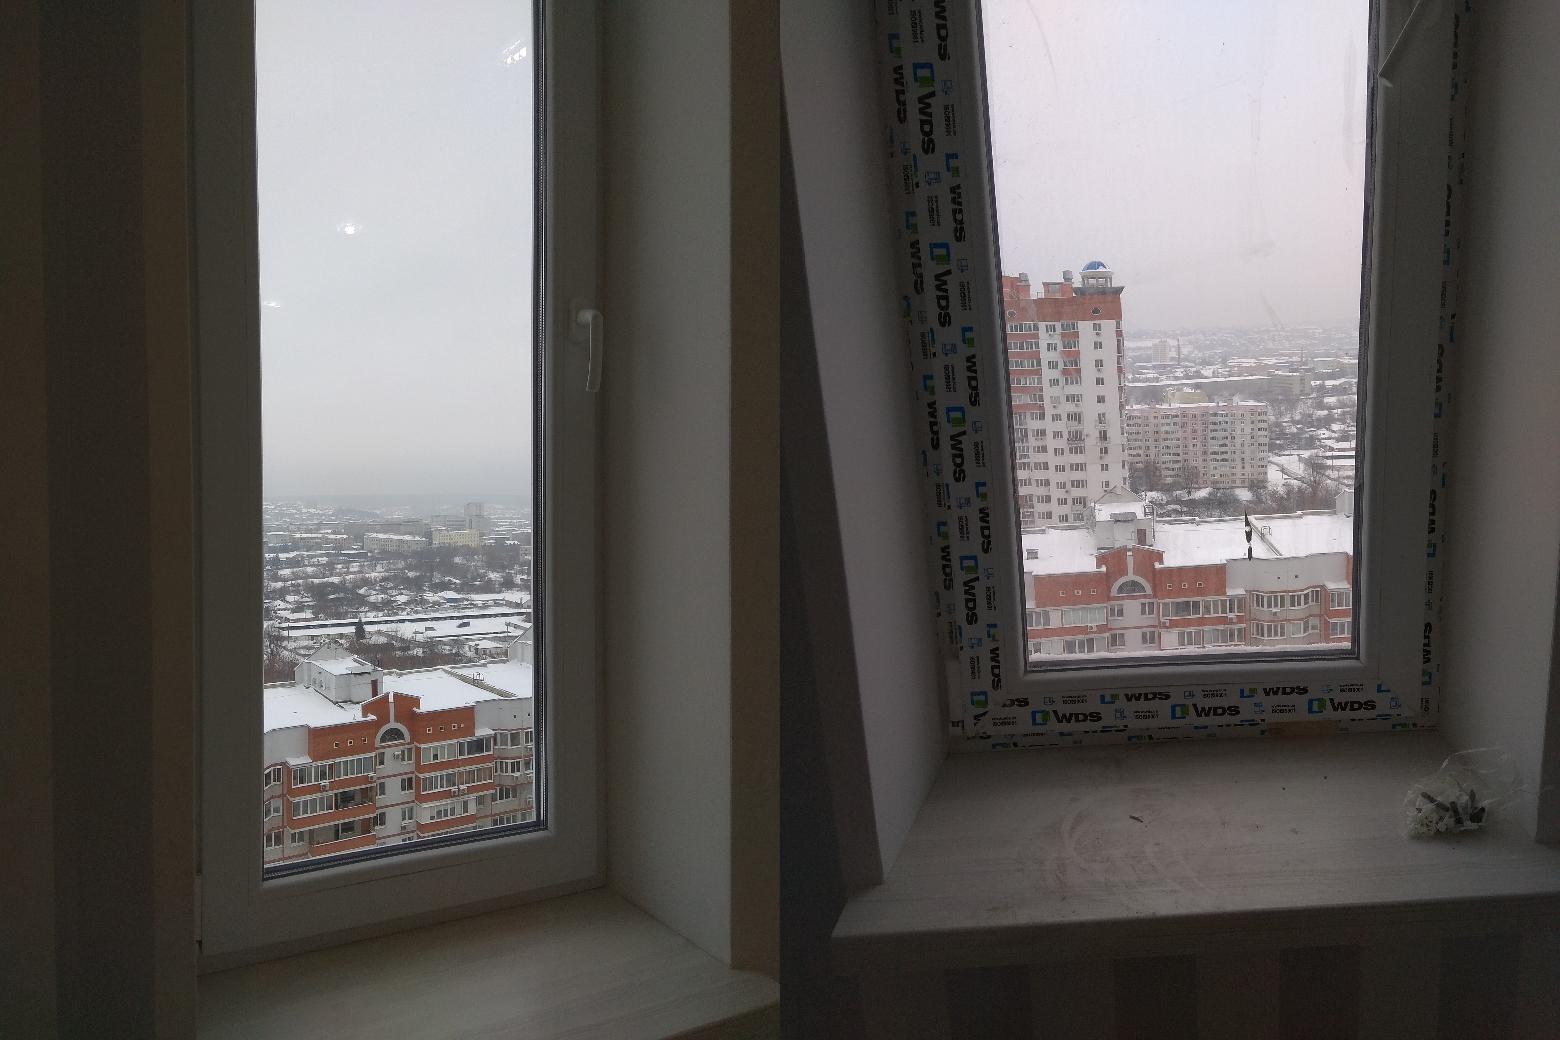 Фото Уборка после ремонта 2к квартиры 76кв.м. мойка панарамных окон, балкона, всех окон, плитки в ванной. В работе использованы профессиональные моющие средства и пароочиститель. Было потрачено 12 часов. Стоимость составила 1000грн